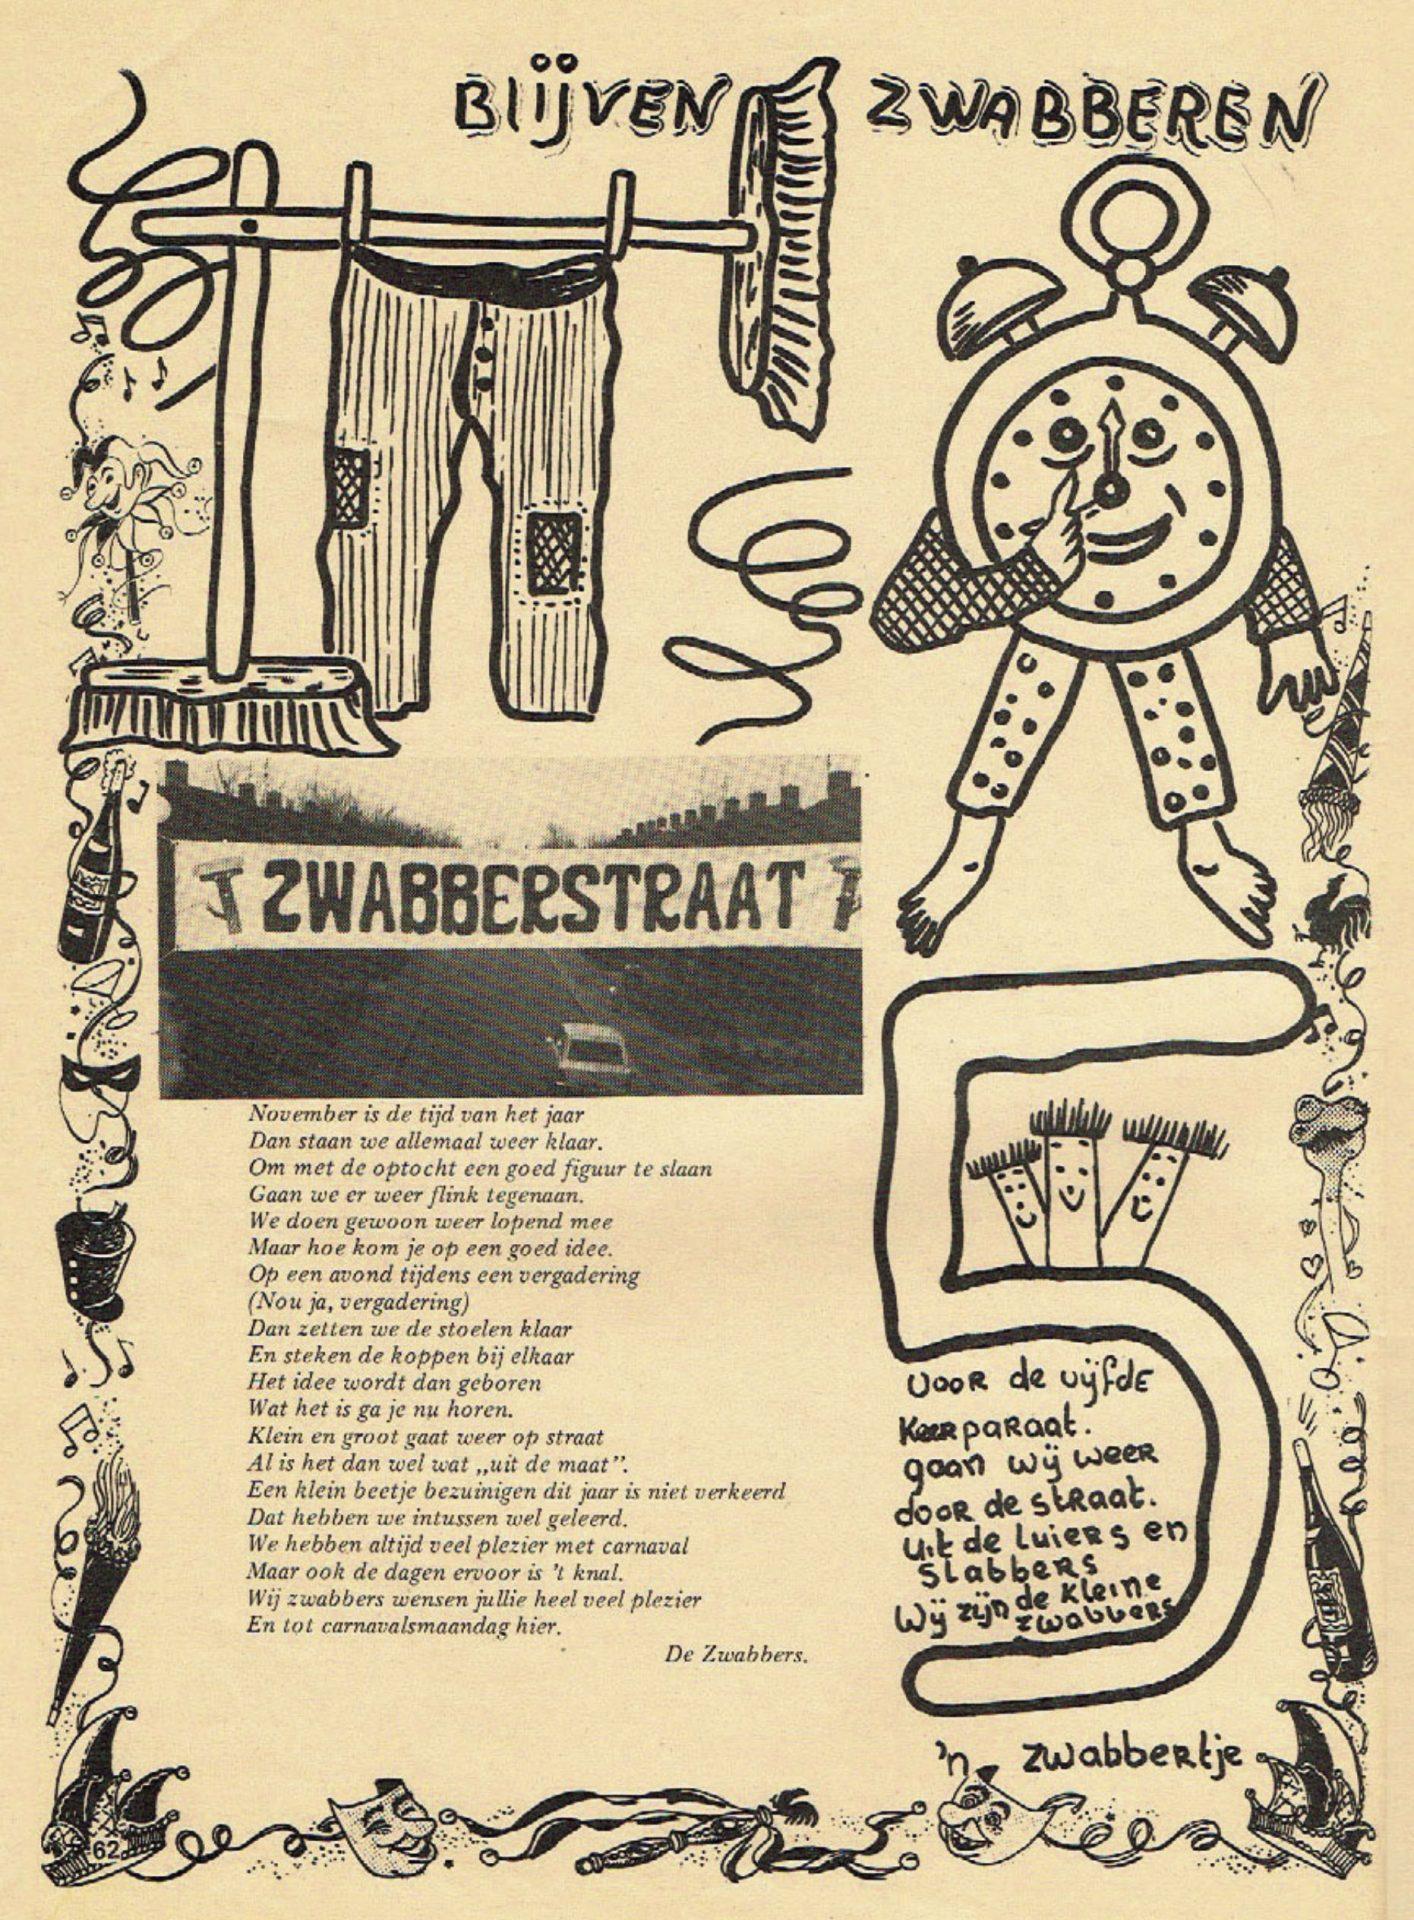 Stukje uit de carnavalskrant van de De Zwabbers - 1982